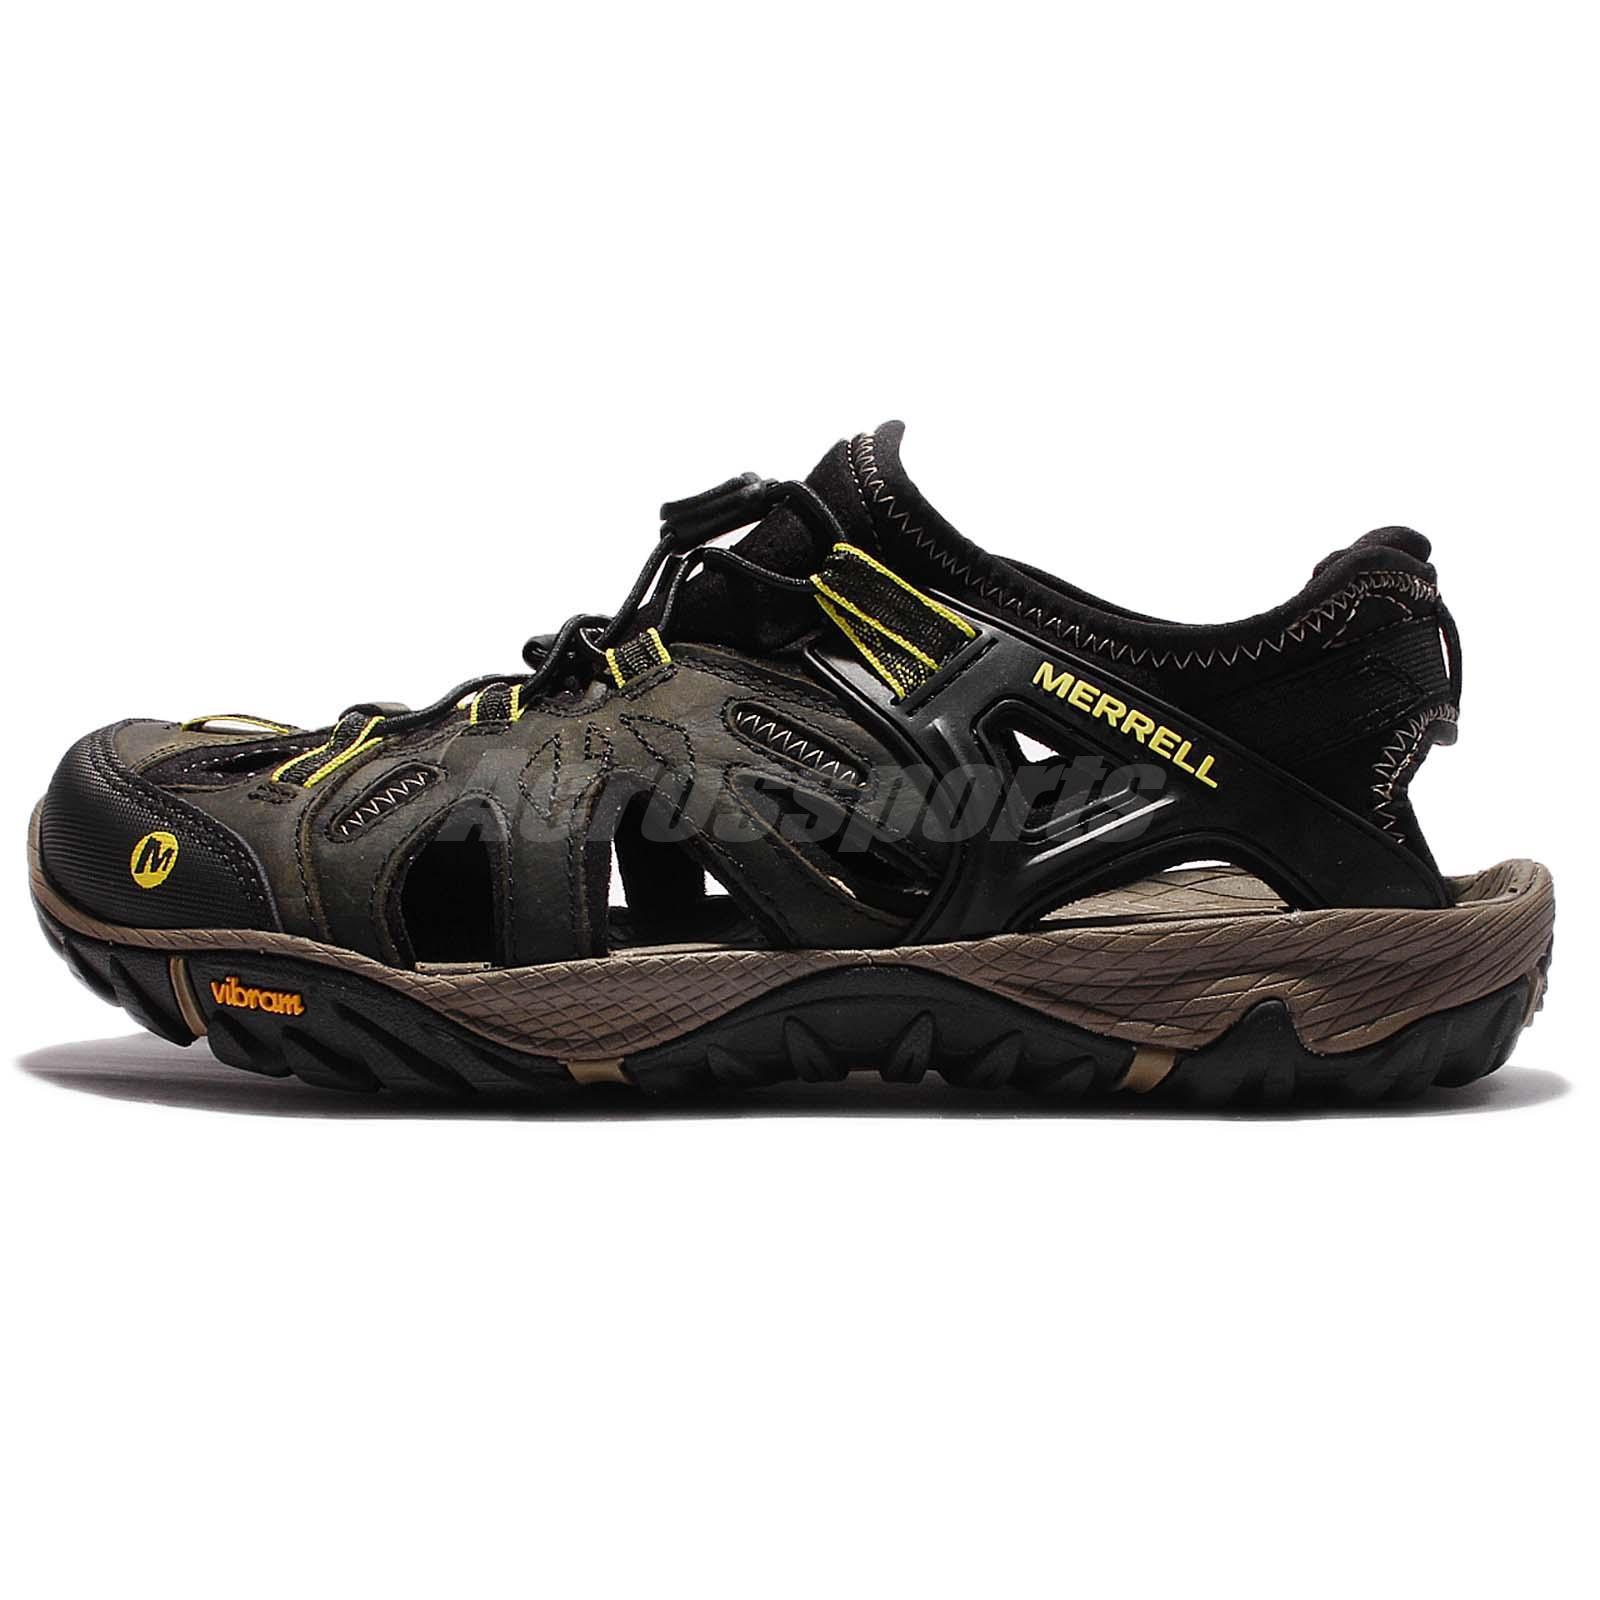 Merrell All Out Blaze Sieve Olive Black Vibram Men Outdoor Sandal Hiking  ML37691